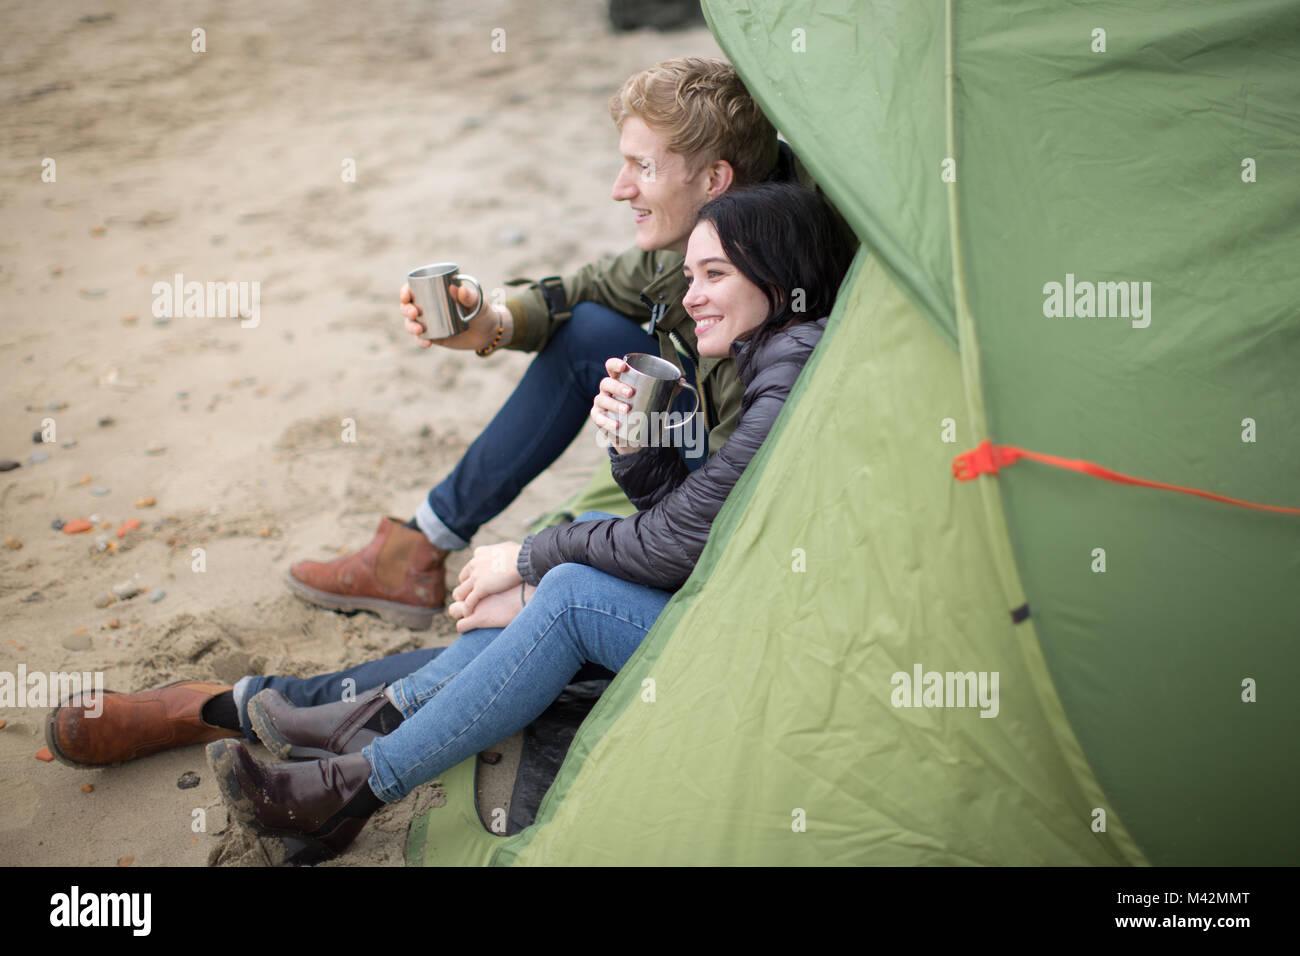 Coppia giovane camping sulla spiaggia in autunno Immagini Stock